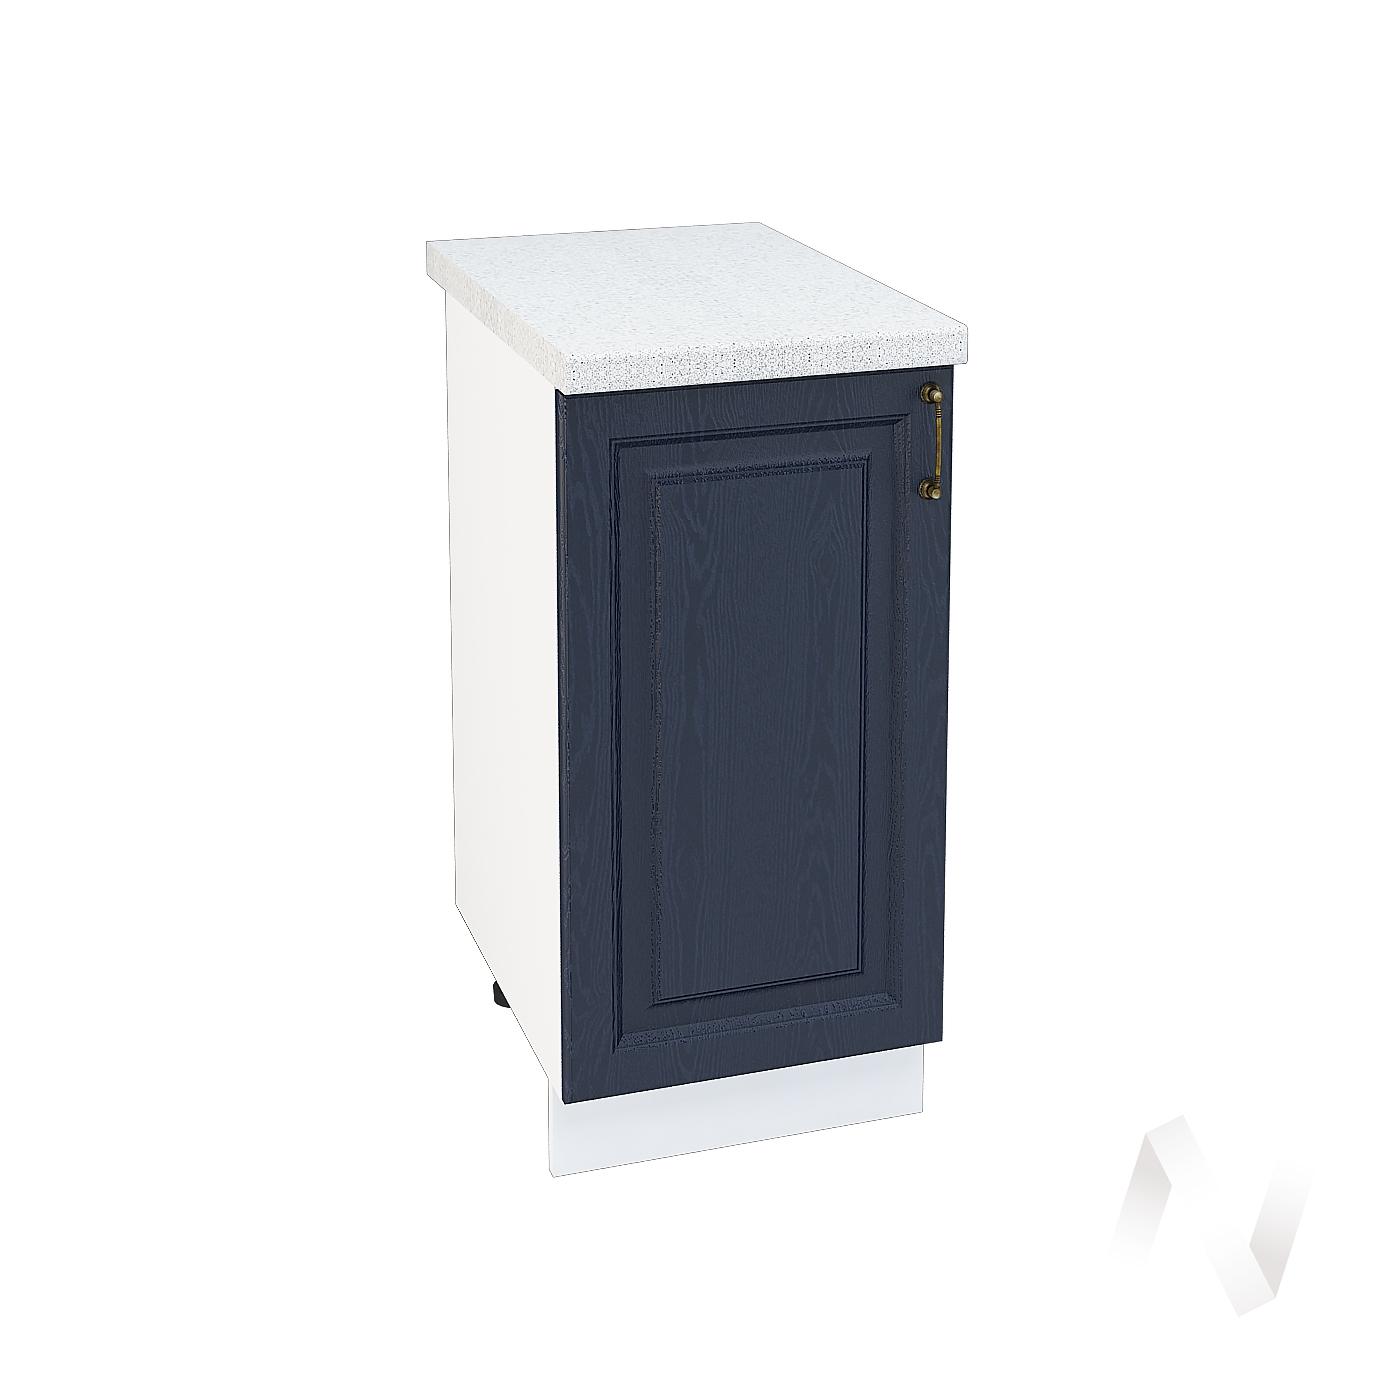 """Кухня """"Ницца"""": Шкаф нижний 400, ШН 400 (Дуб чернильный/корпус белый)"""